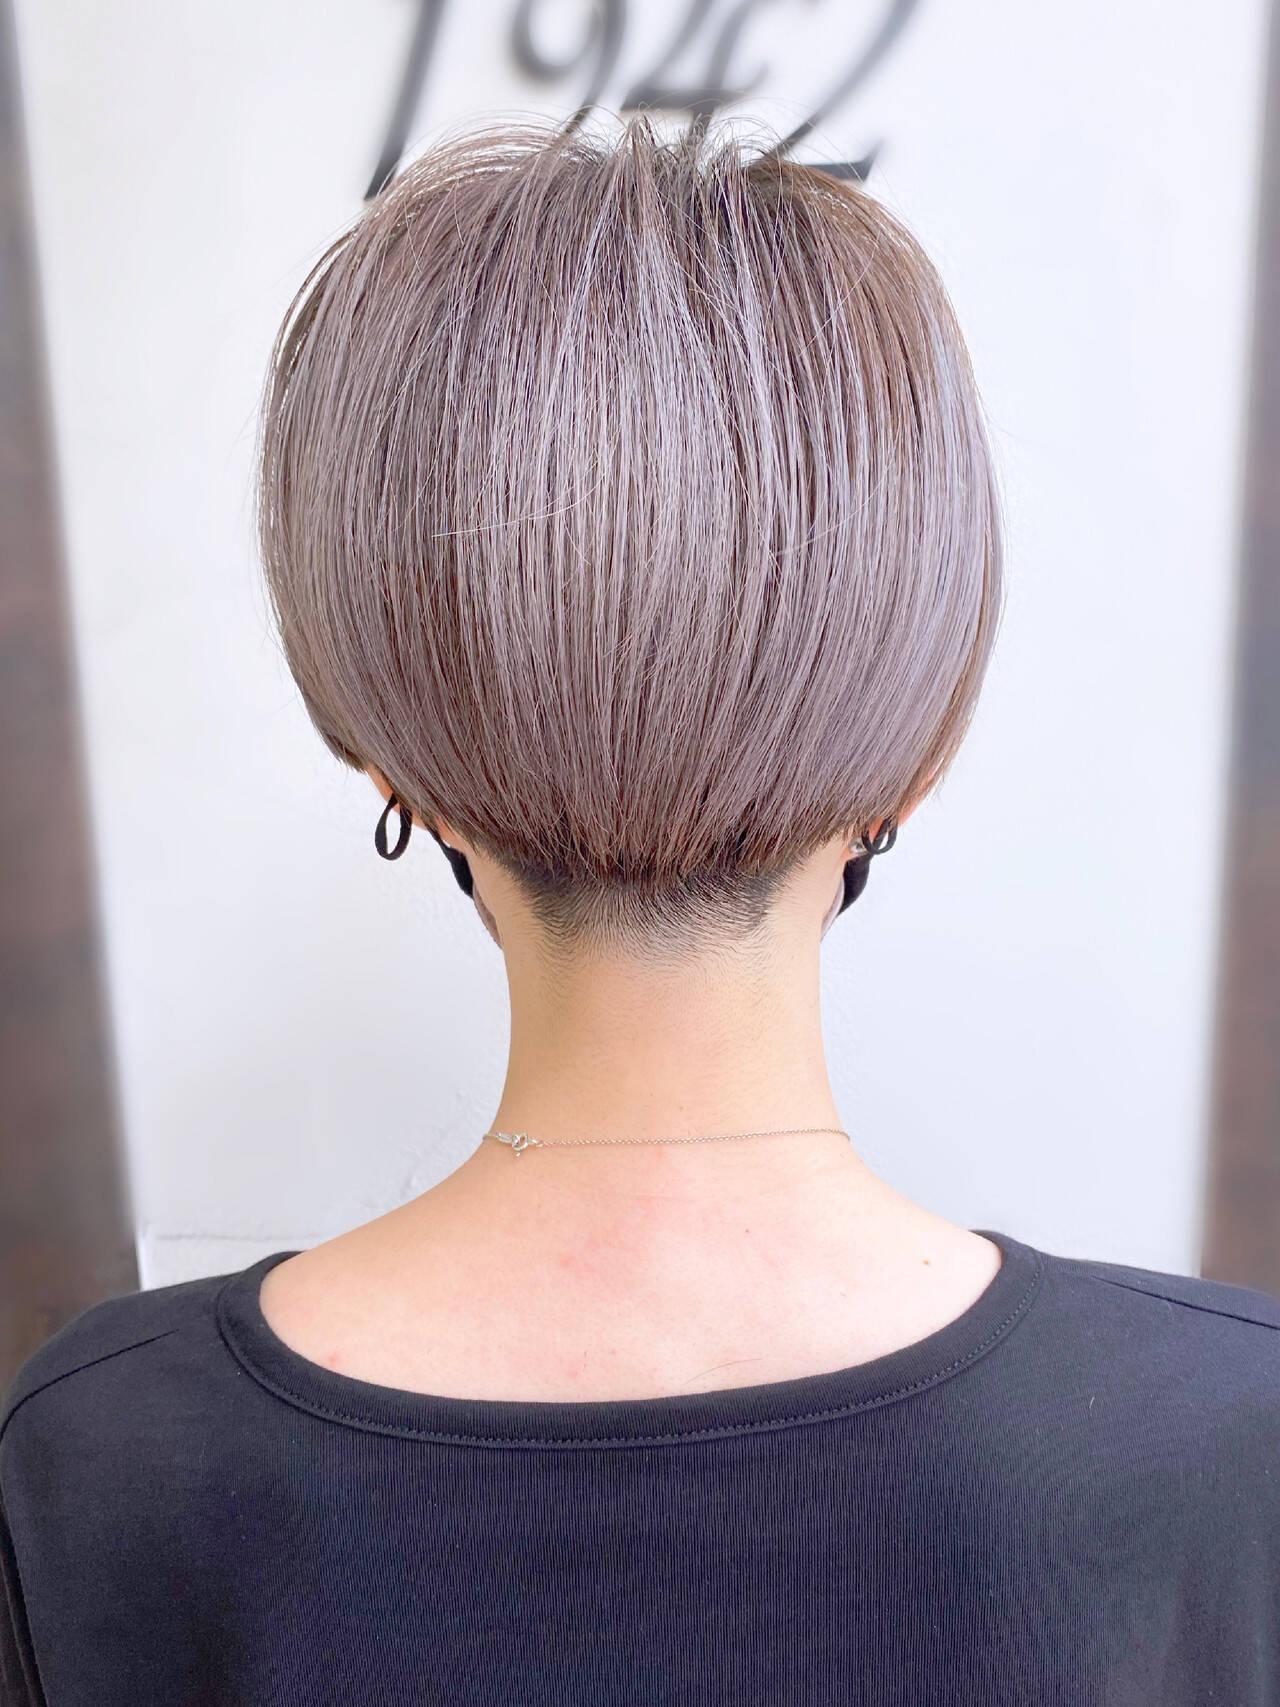 大人かわいい 簡単スタイリング 刈り上げショート ショートヘアヘアスタイルや髪型の写真・画像